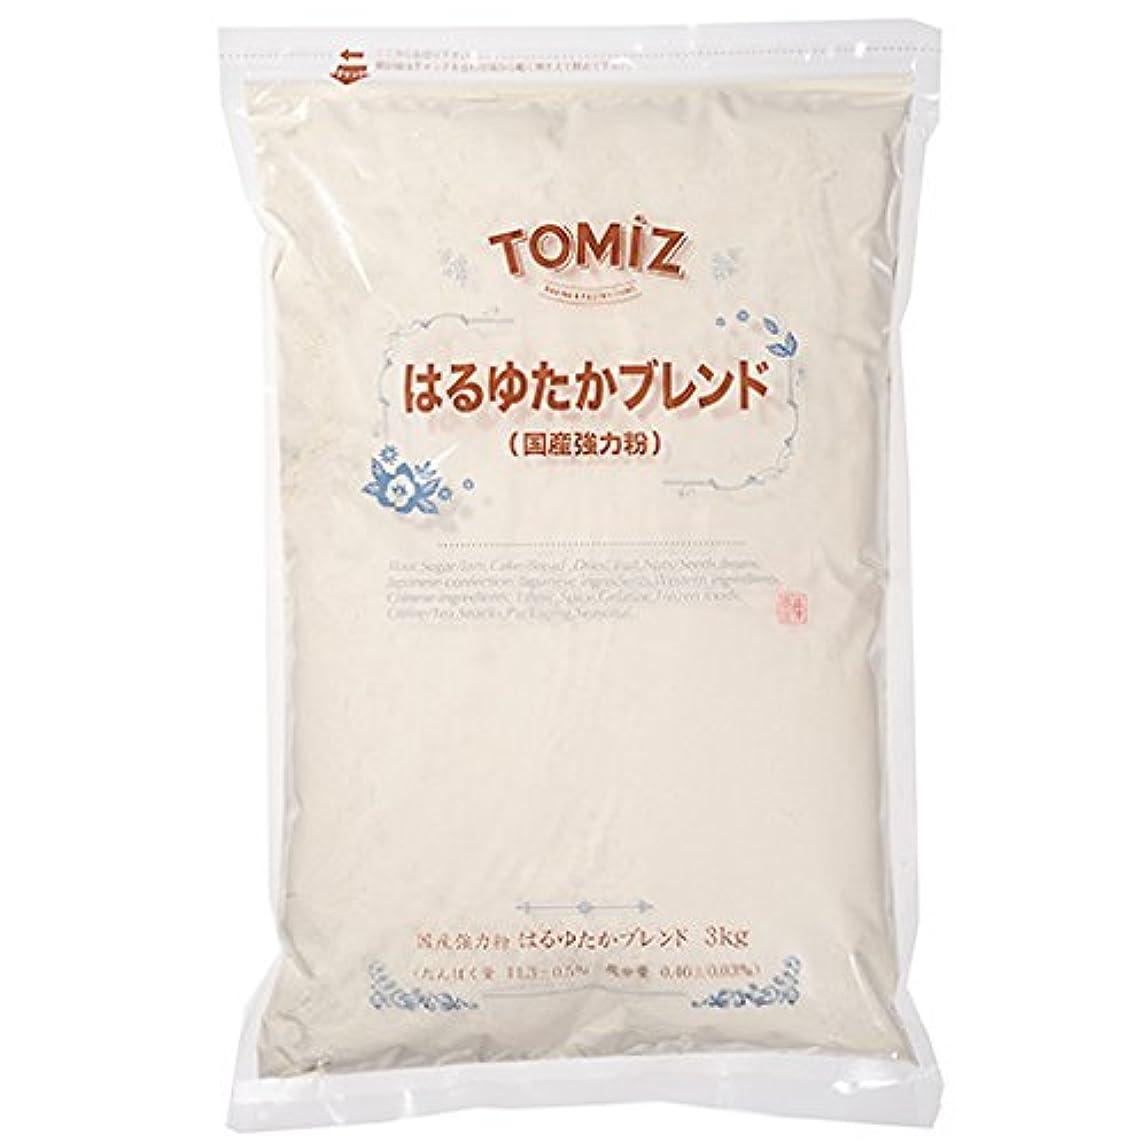 郊外家事をする雪だるま強力粉 2kg 国産 無農薬?無化学肥料栽培ゆめかおり パン用 小麦粉